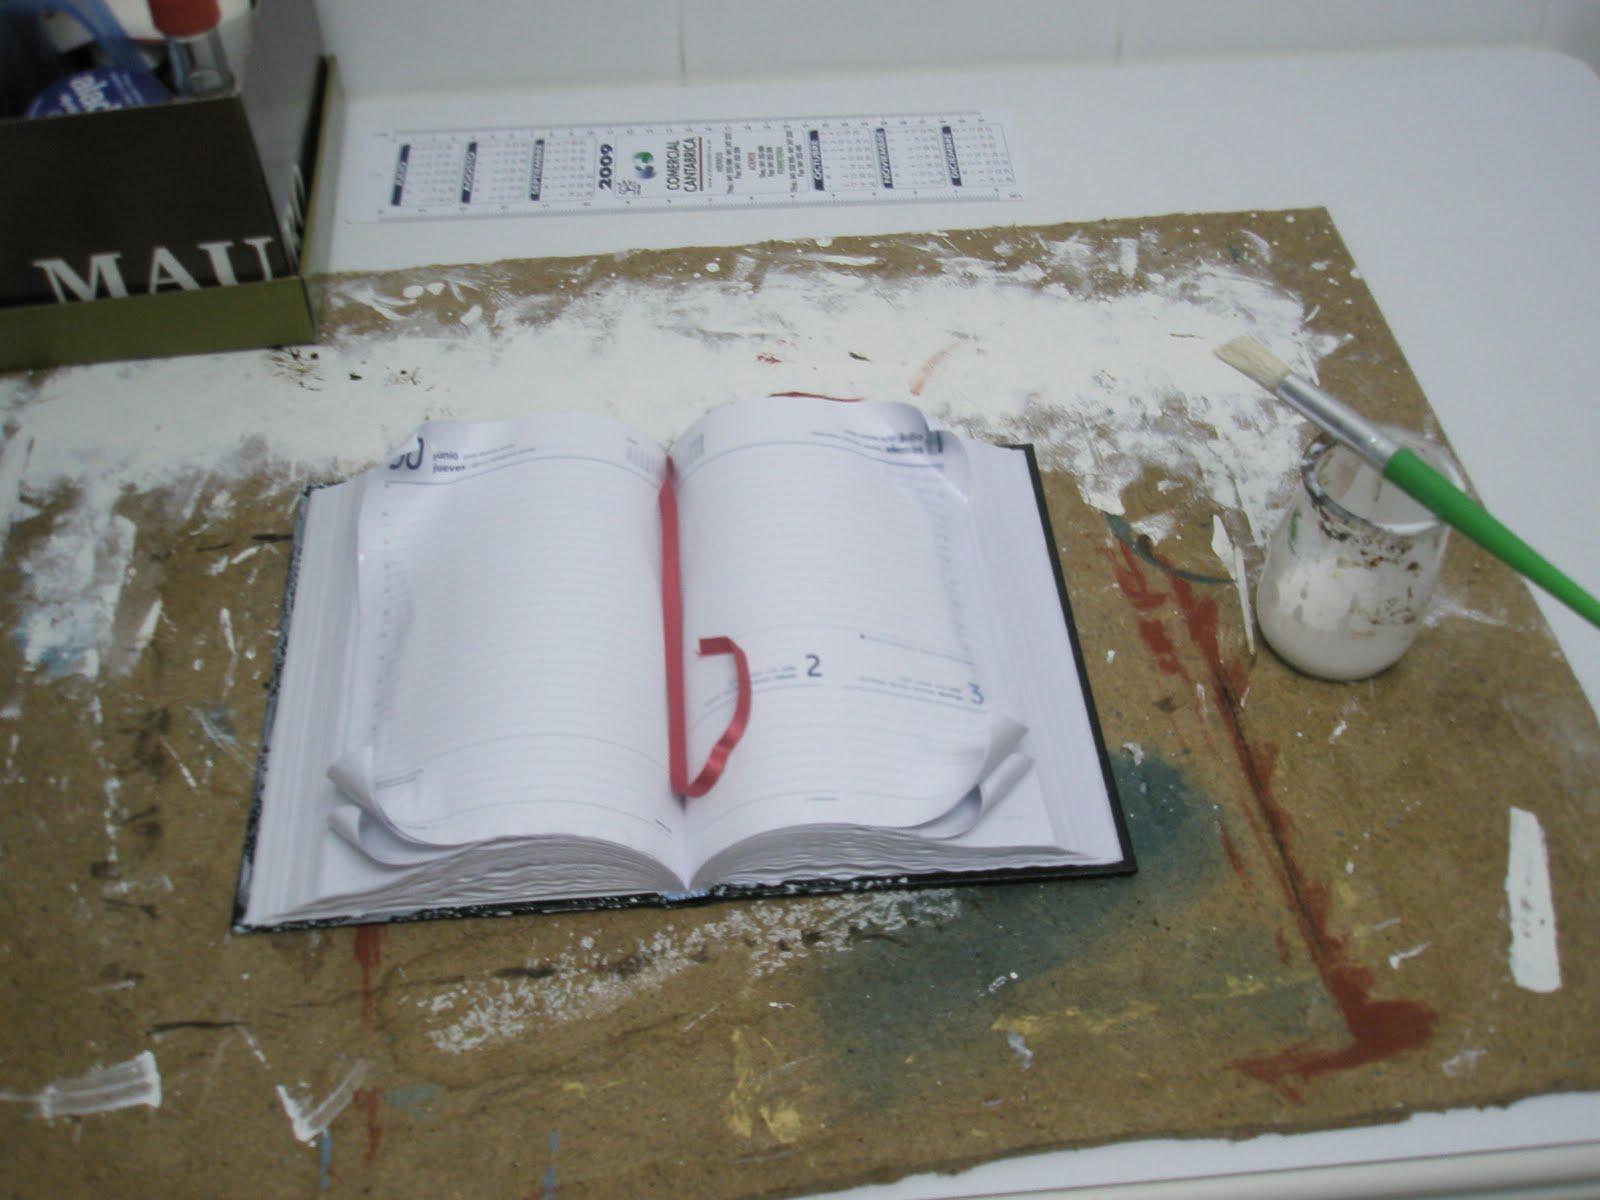 El cajon de manualidades libro antiguo paso a paso - Como hacer un libro antiguo ...